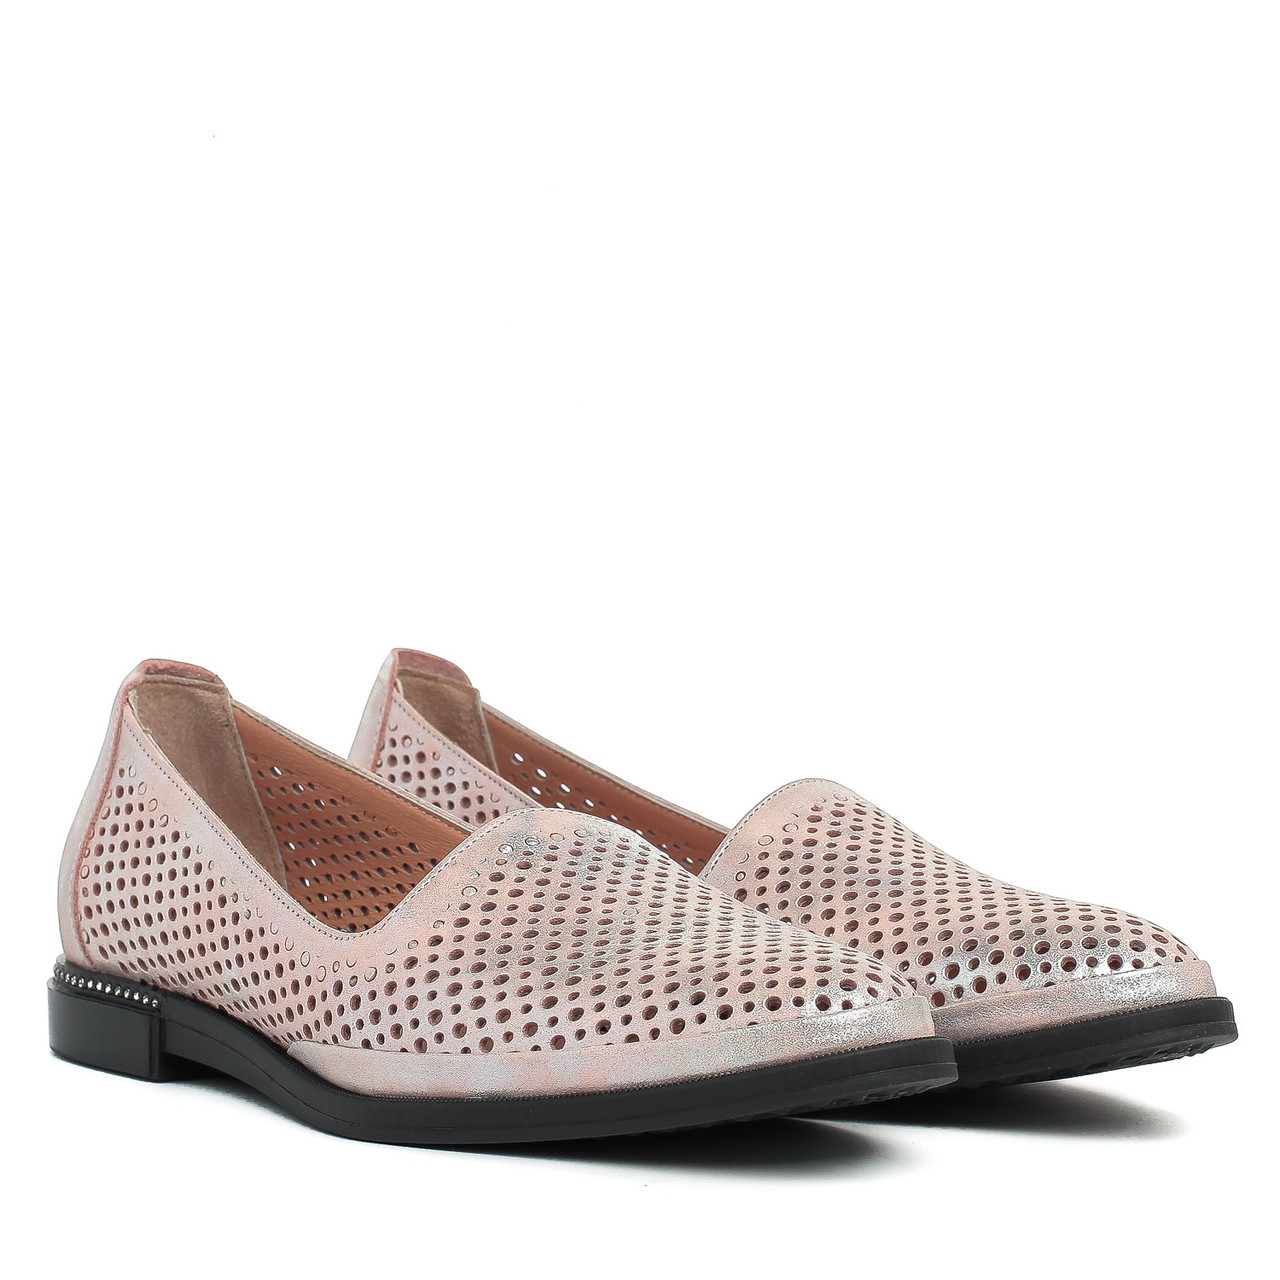 1571509f9 Туфли женские AQUAMARIN (кожаные, стильные, летние, модные) - Інтернет -  магазин